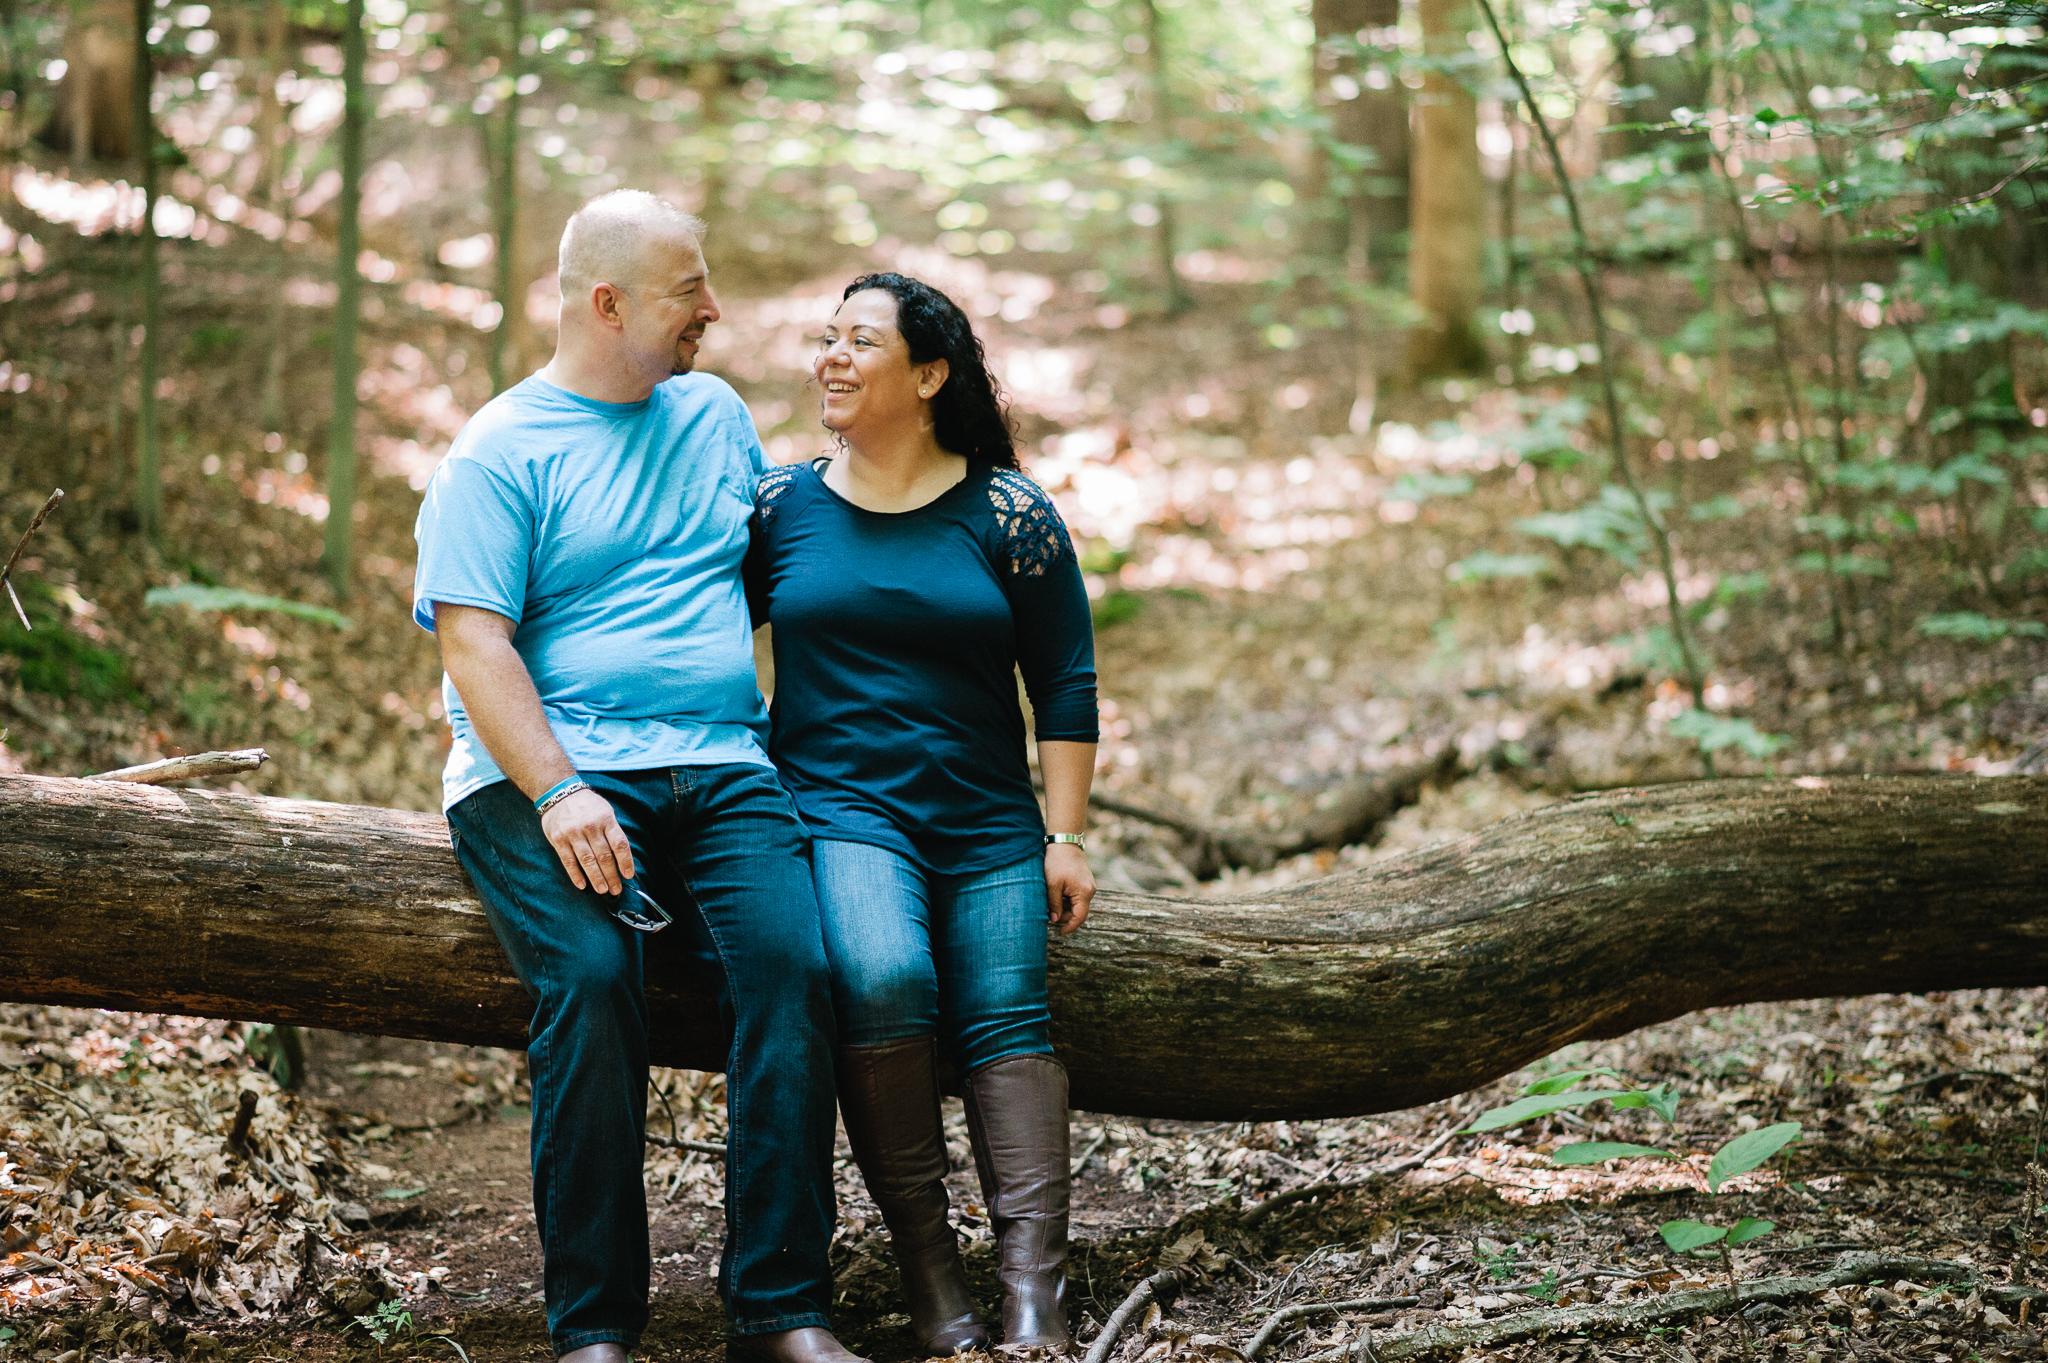 Rina and David Engagement 06/11/17. Photo Credit: Nicholas Karlin karlinvillondo.com